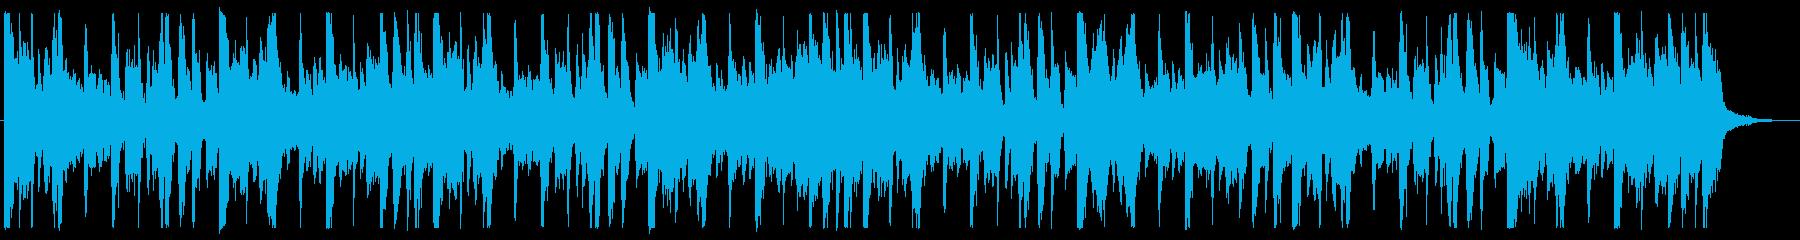 優しい雰囲気のR&B_No495_5の再生済みの波形